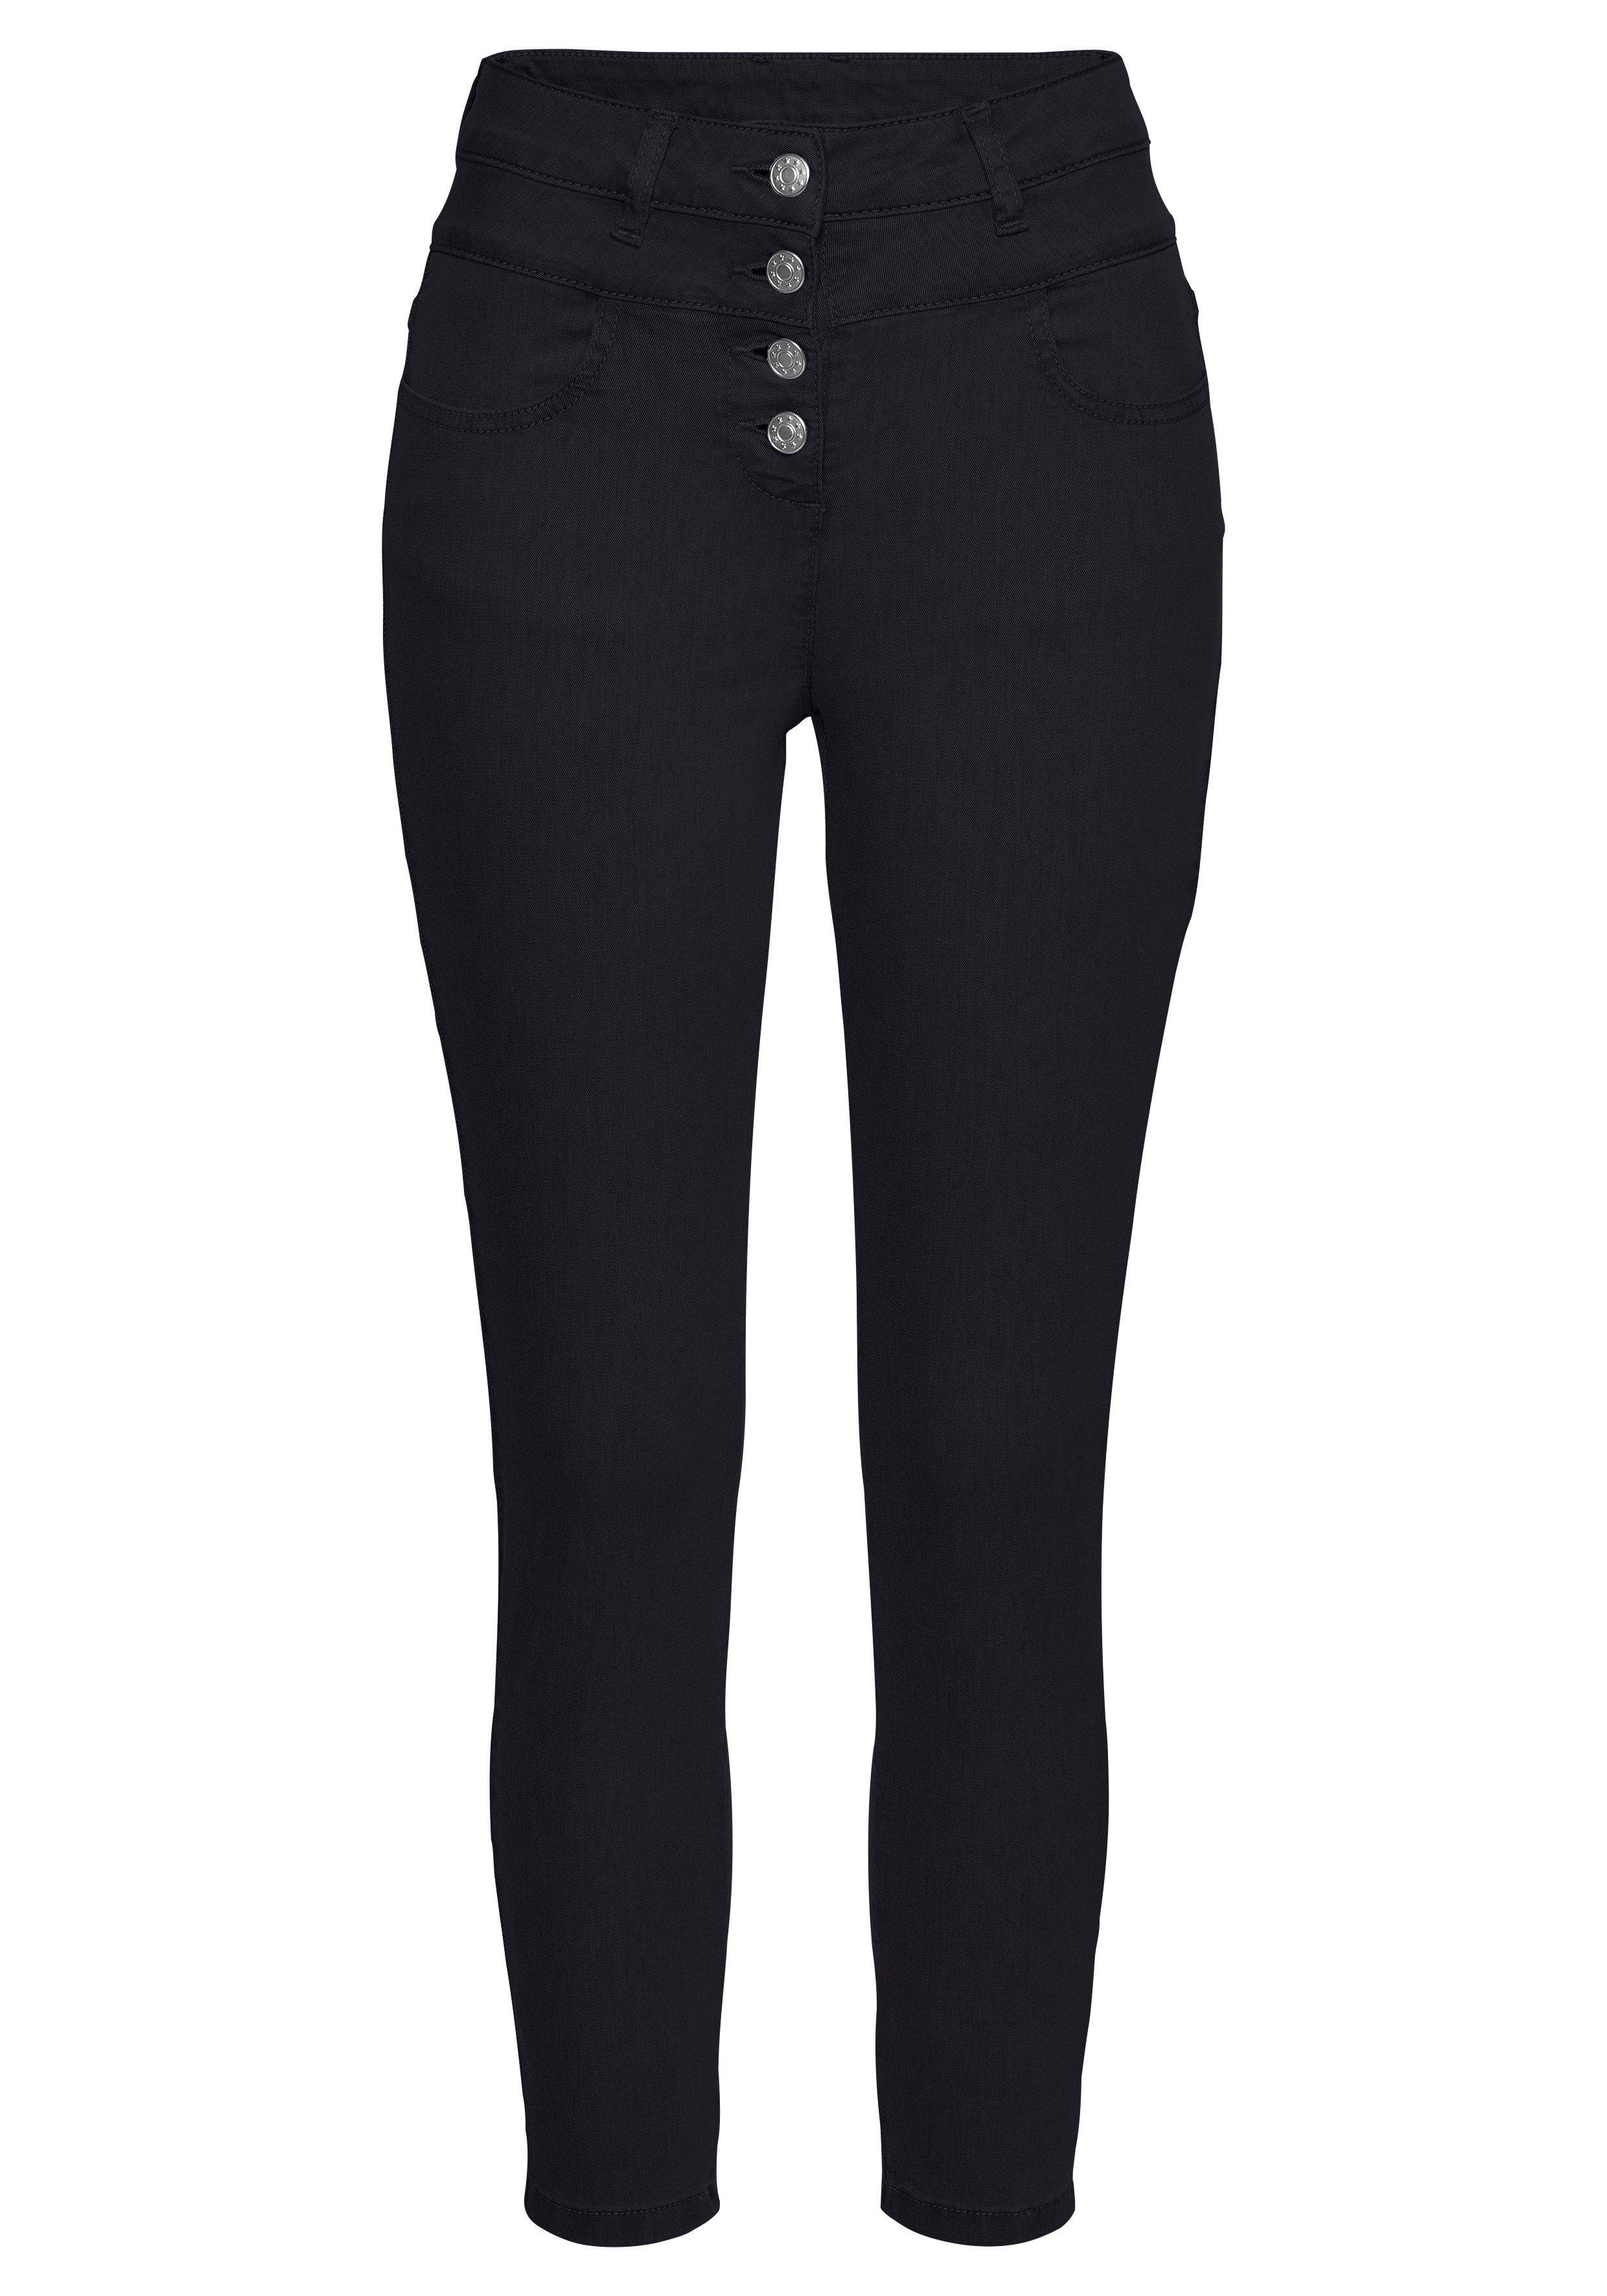 Lascana high-waist jeans van superstretch-kwaliteit bestellen: 30 dagen bedenktijd